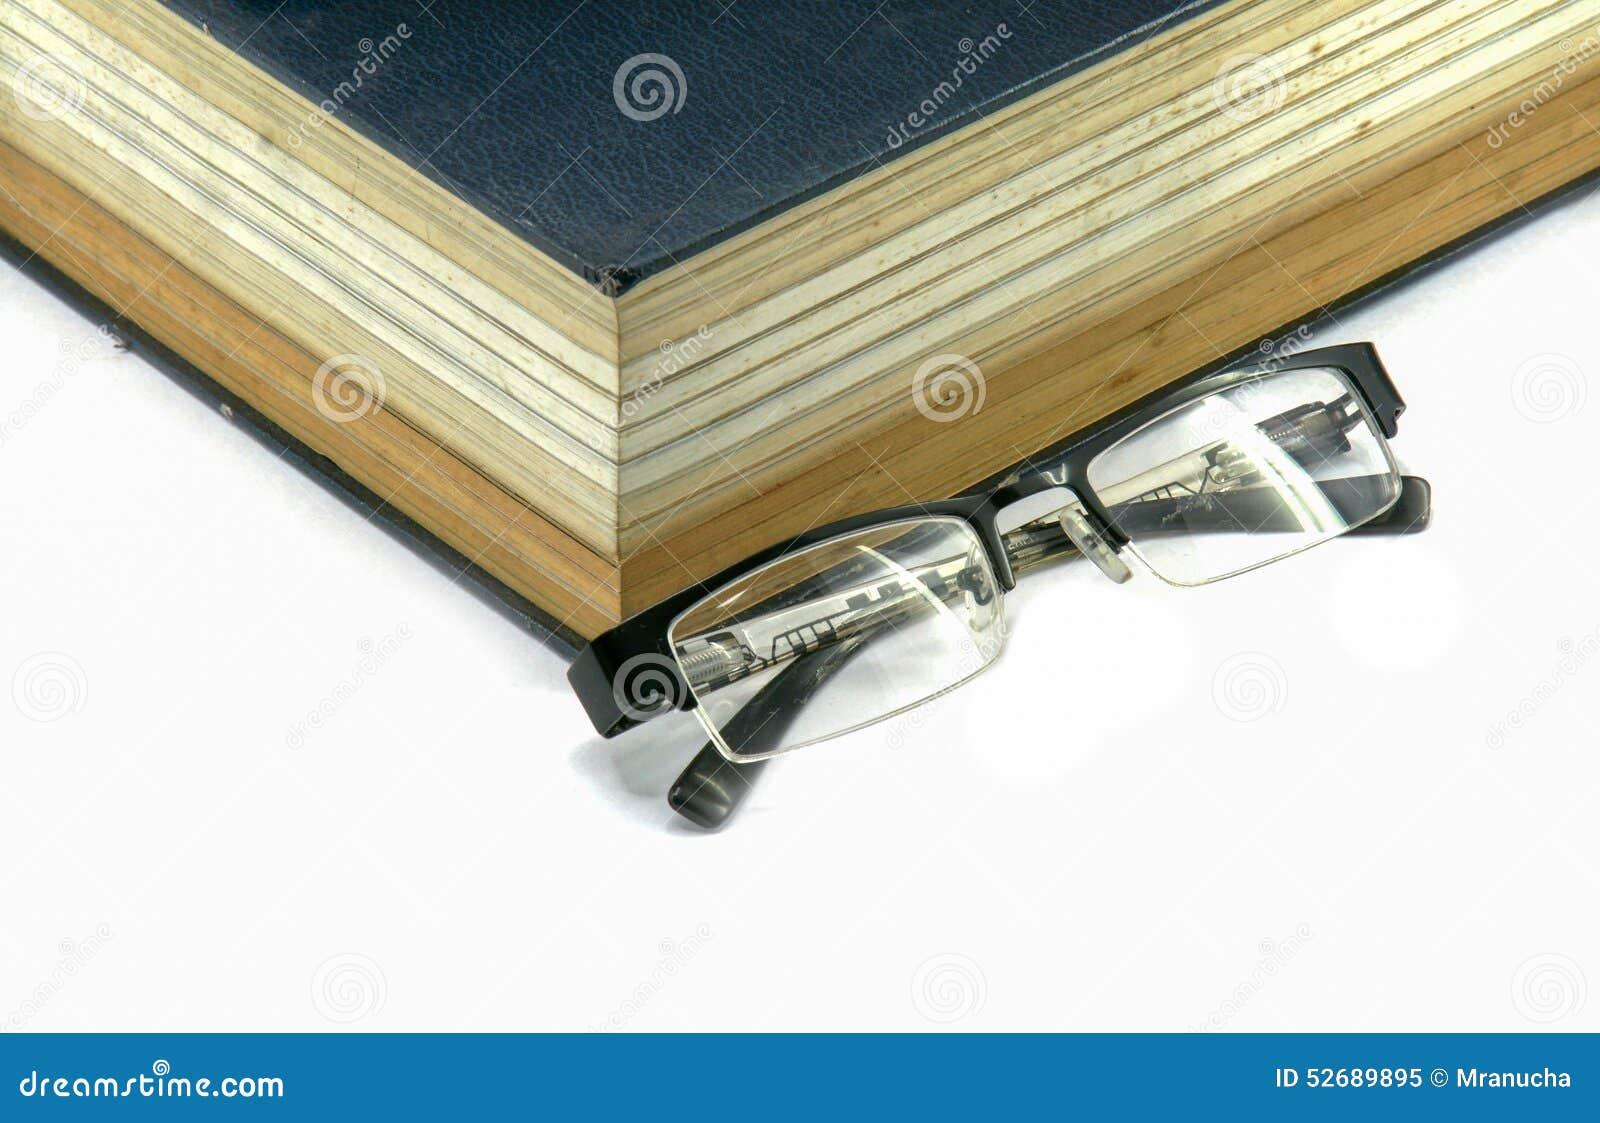 课本或圣经与镜片